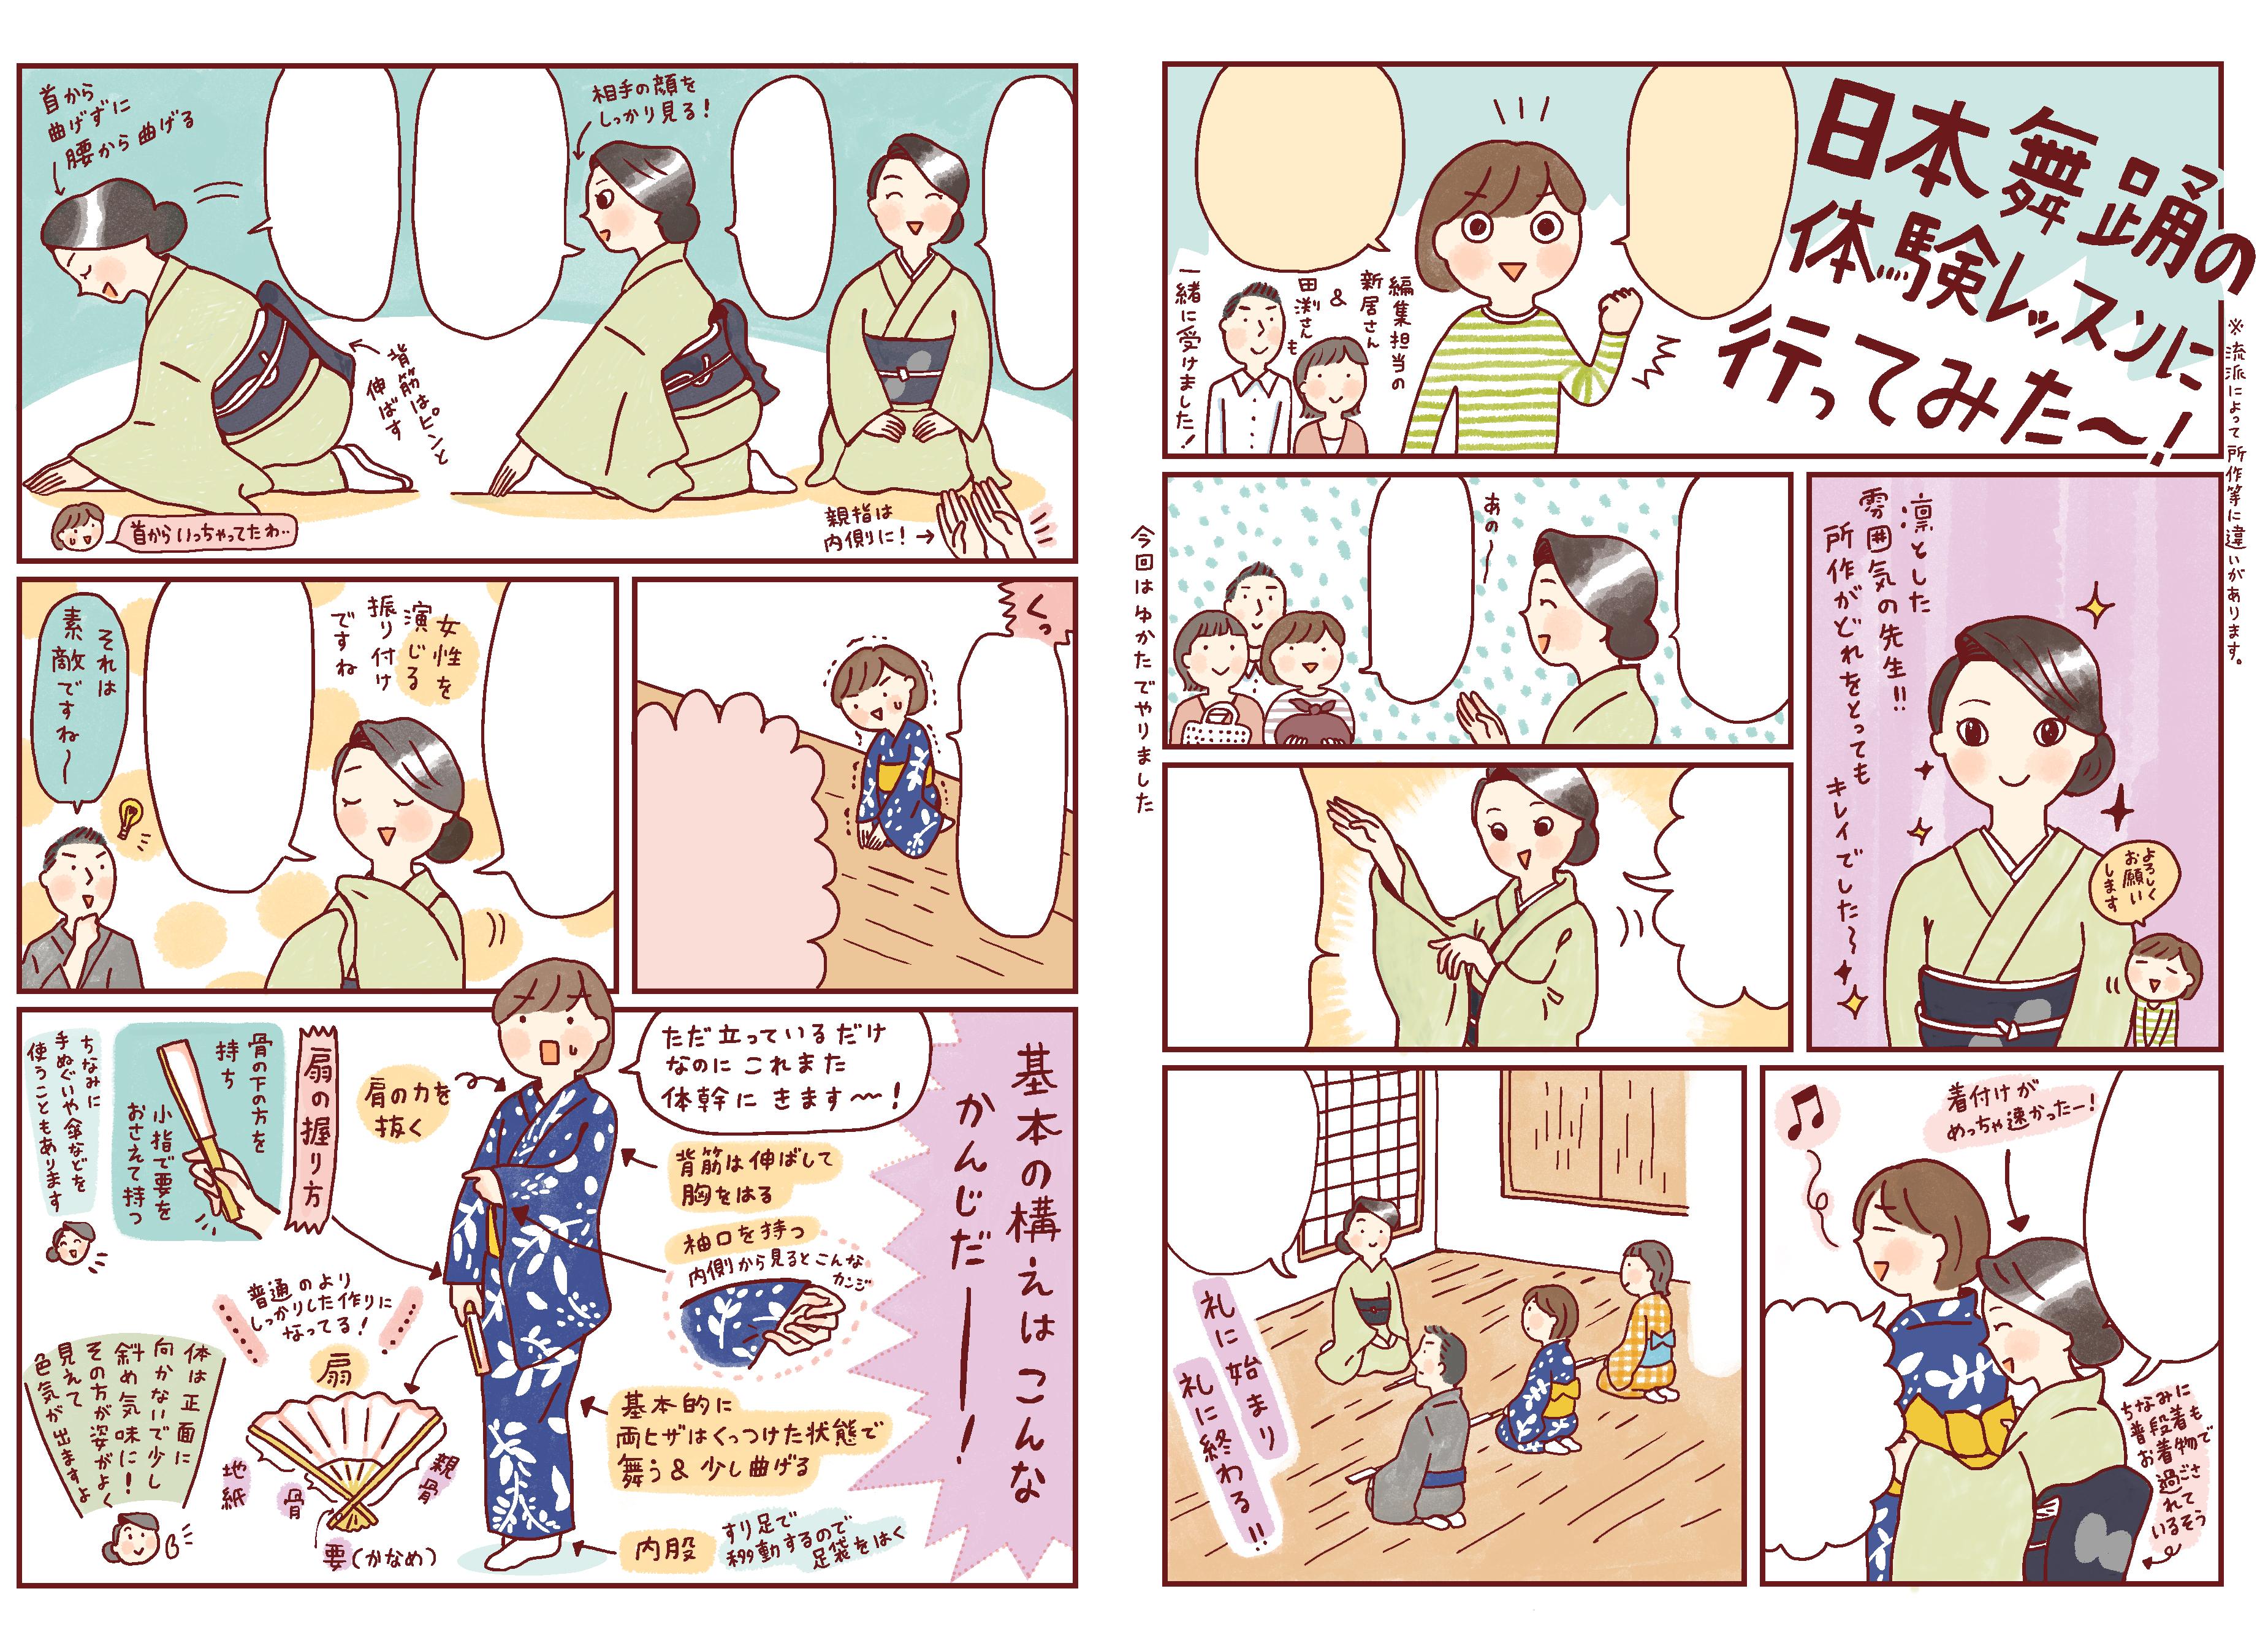 京都市・和の文化体験の日推進冊子「日本舞踊 入門の入門」日本舞踊体験ルポ4P <